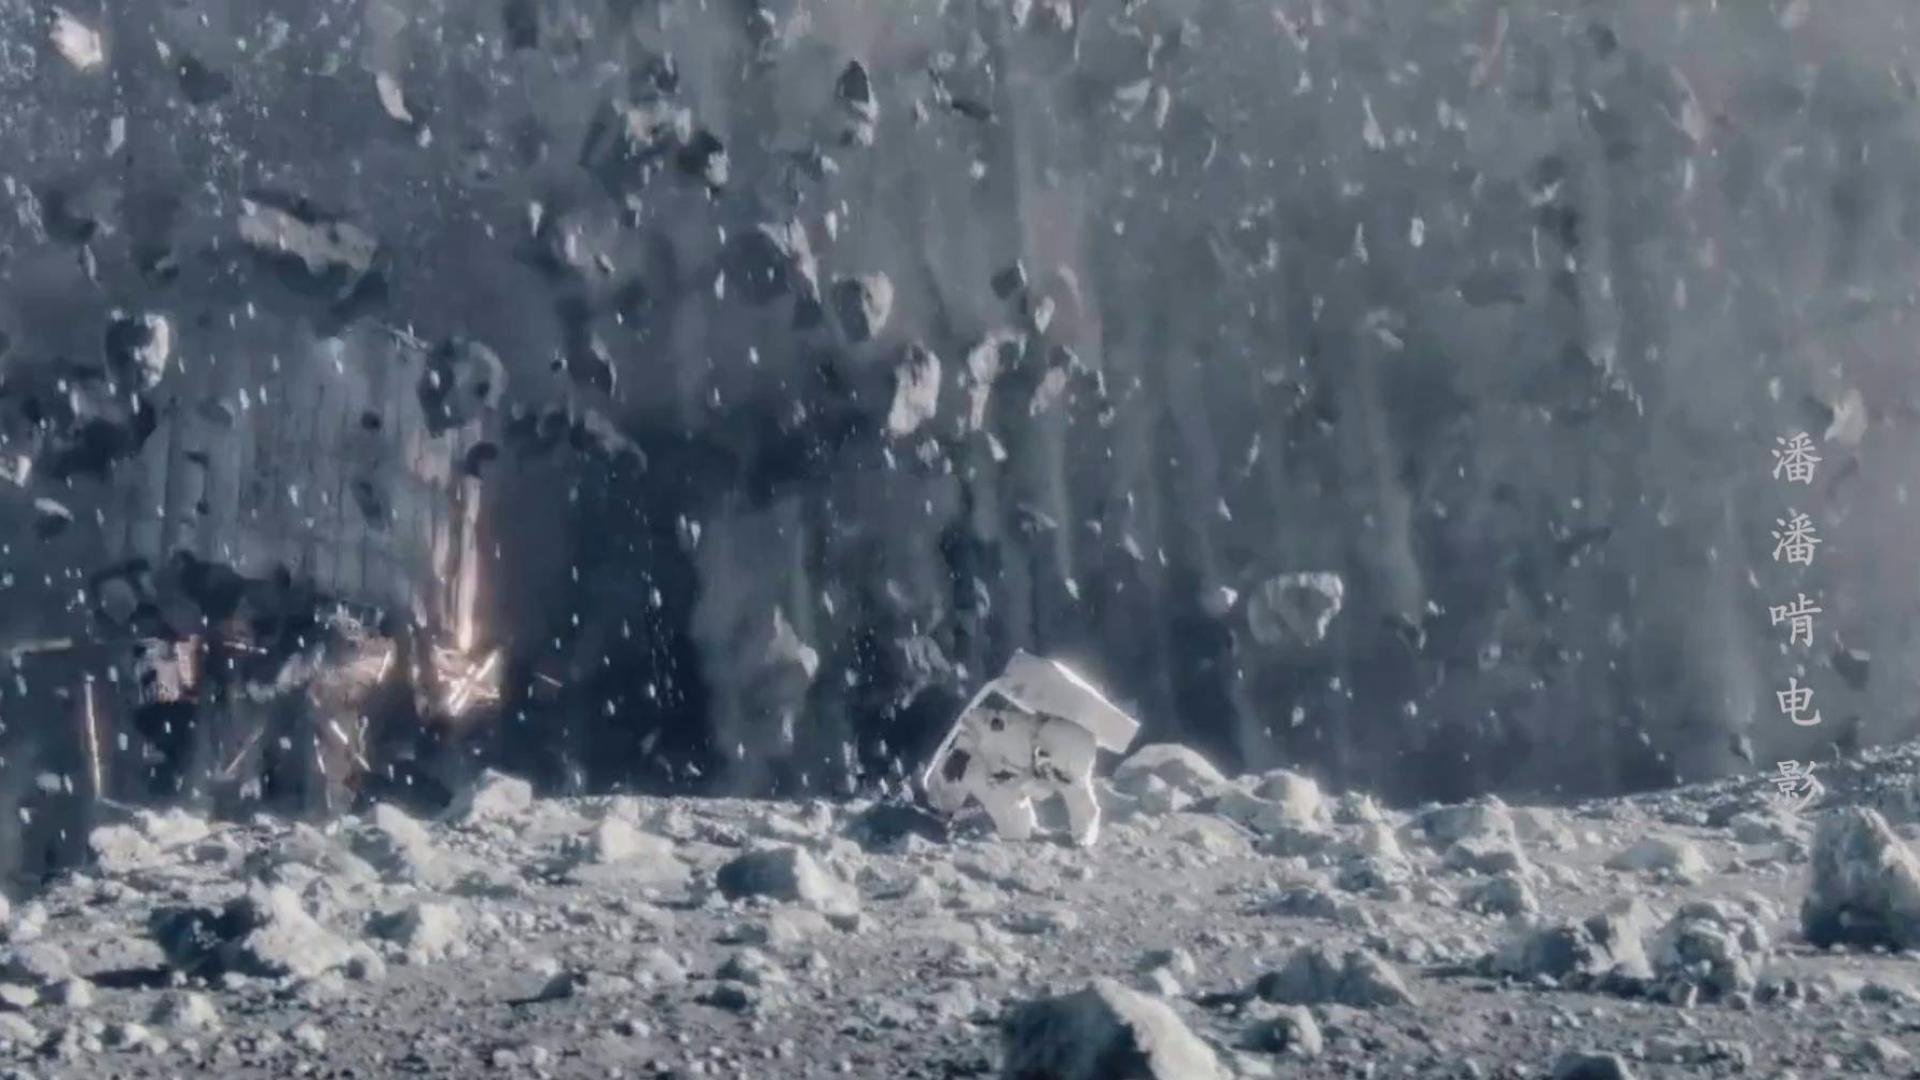 富翁隐居月球一年,只为躲避魔鬼的追捕,几分钟解说科幻短片《月球追捕》